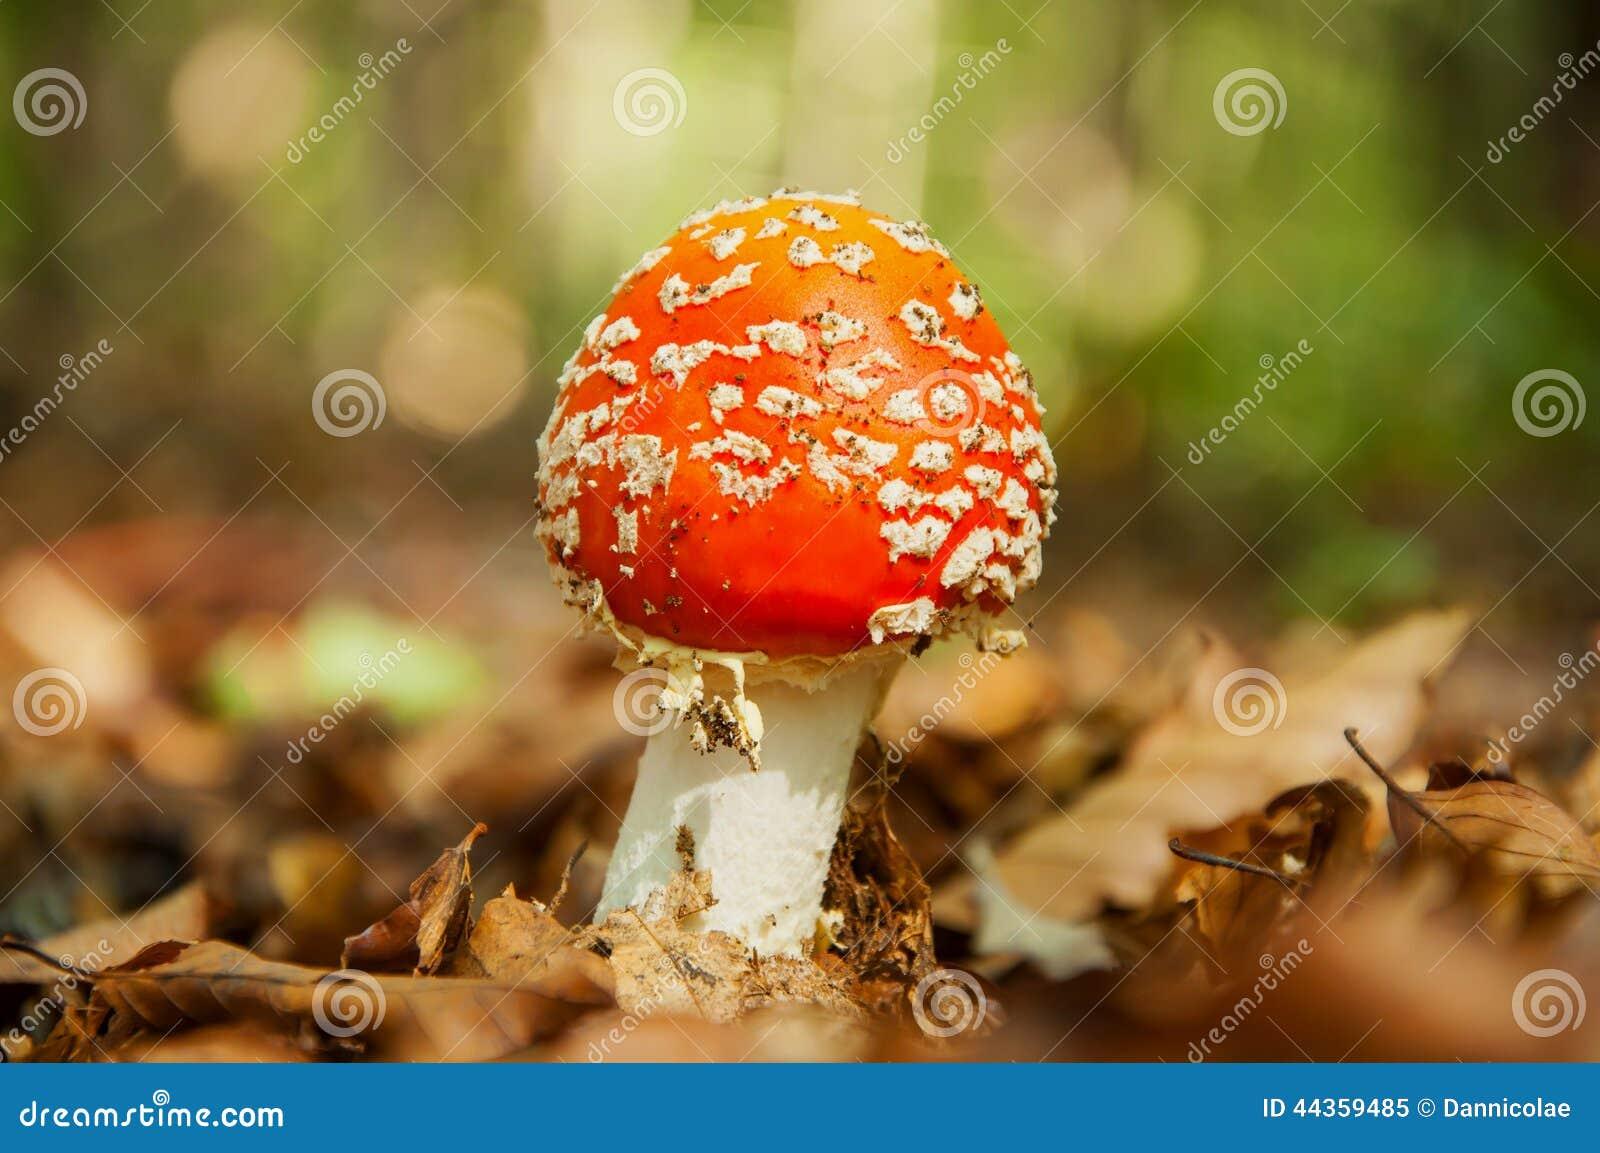 Fungo rosso con i punti bianchi